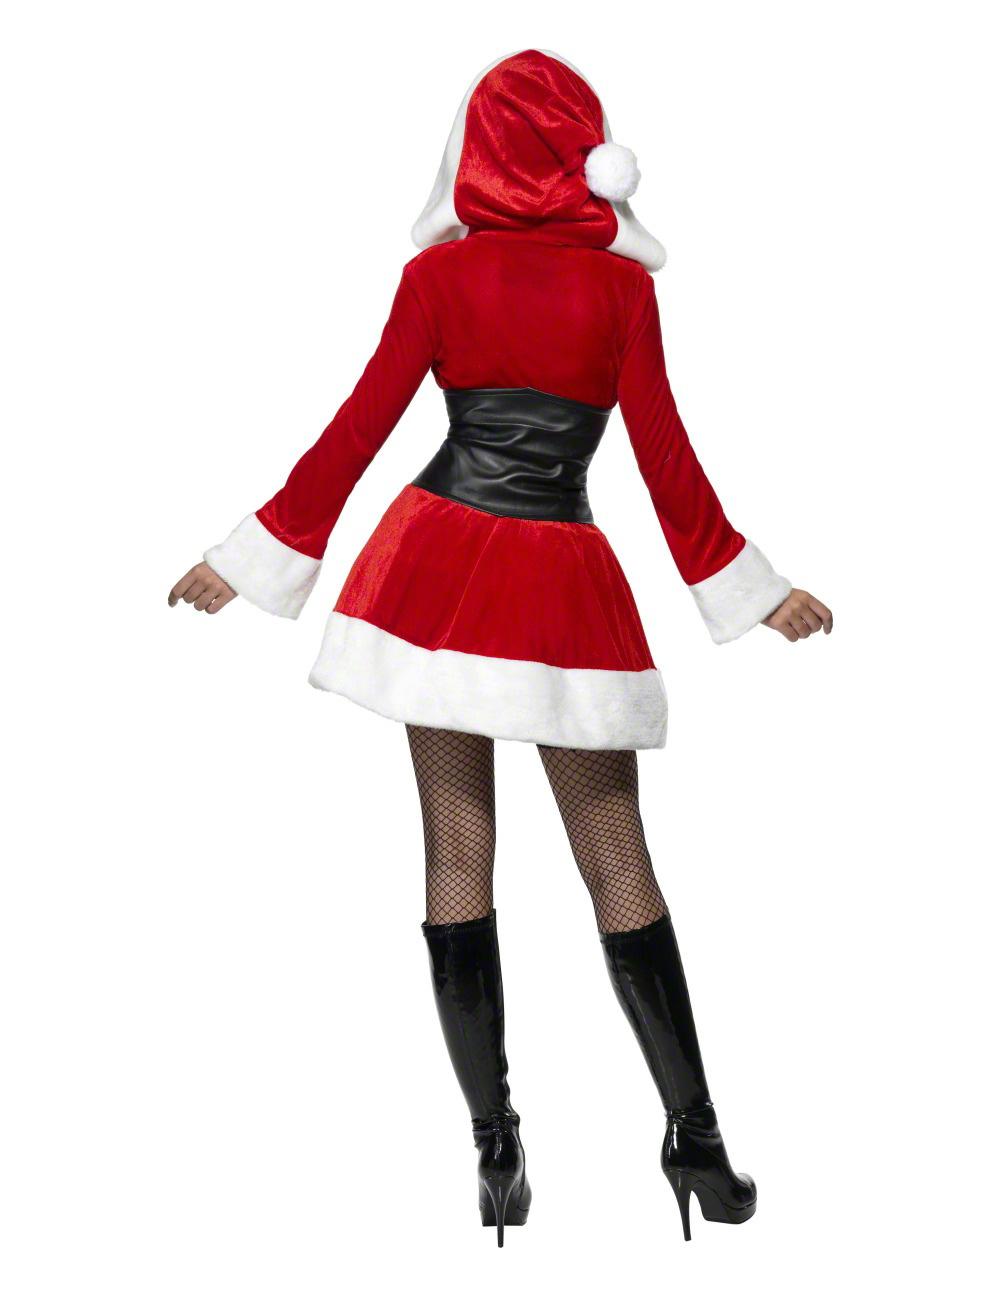 deguisement mere noel adultes Déguisement Mère Noël femme : Deguise toi, achat de Déguisements  deguisement mere noel adultes